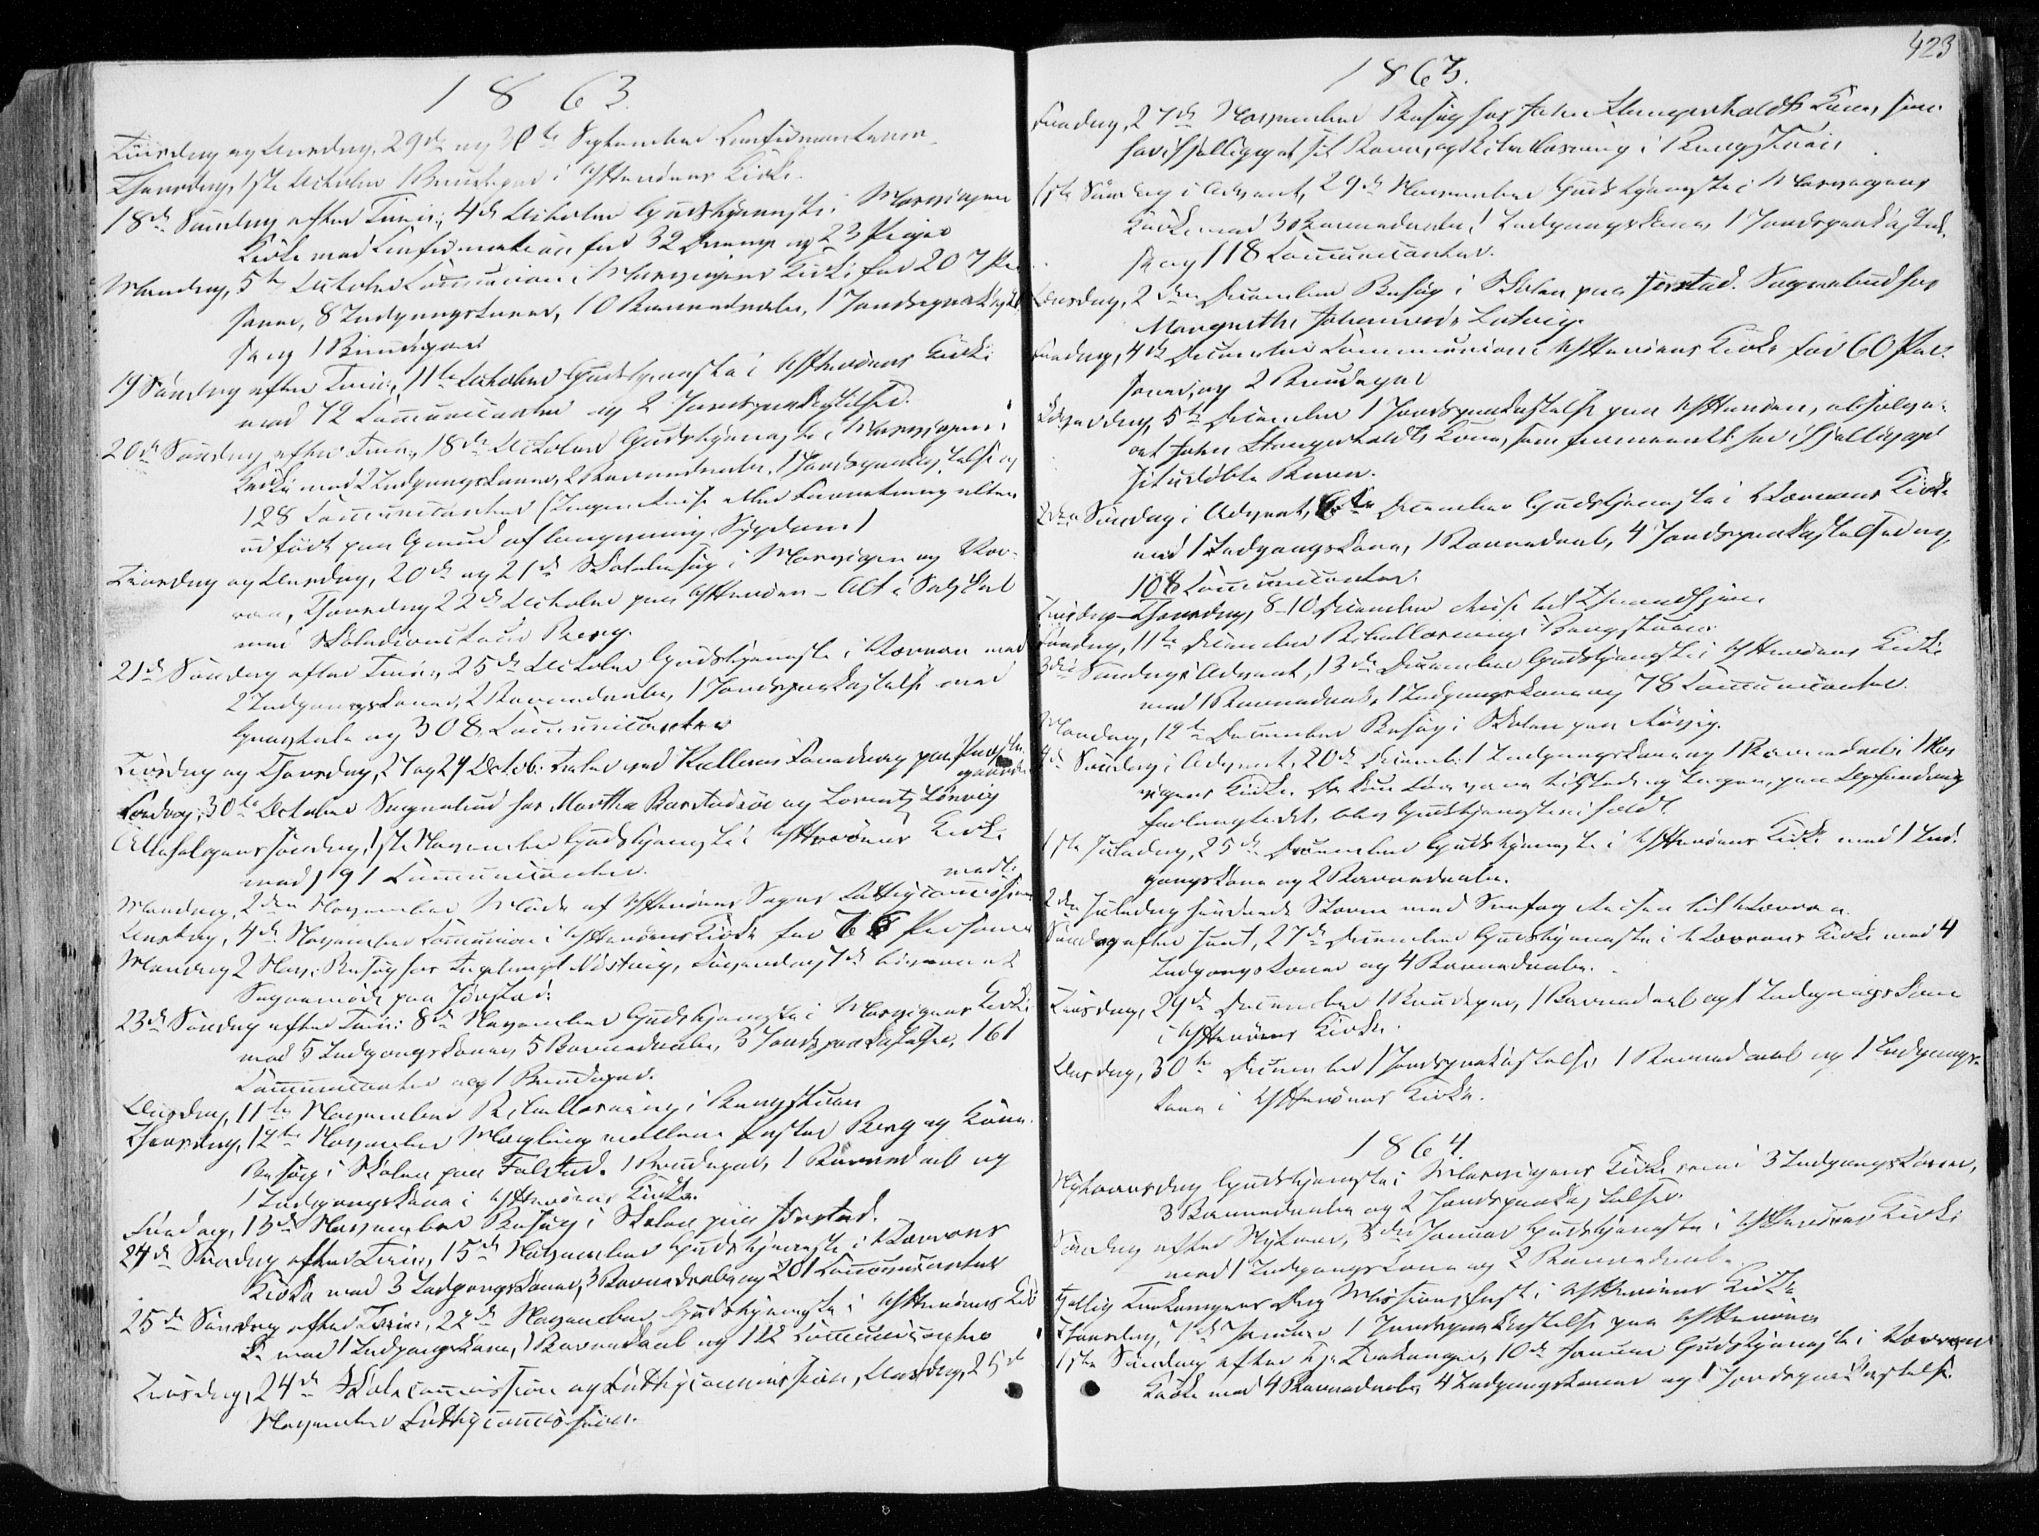 SAT, Ministerialprotokoller, klokkerbøker og fødselsregistre - Nord-Trøndelag, 722/L0218: Ministerialbok nr. 722A05, 1843-1868, s. 423